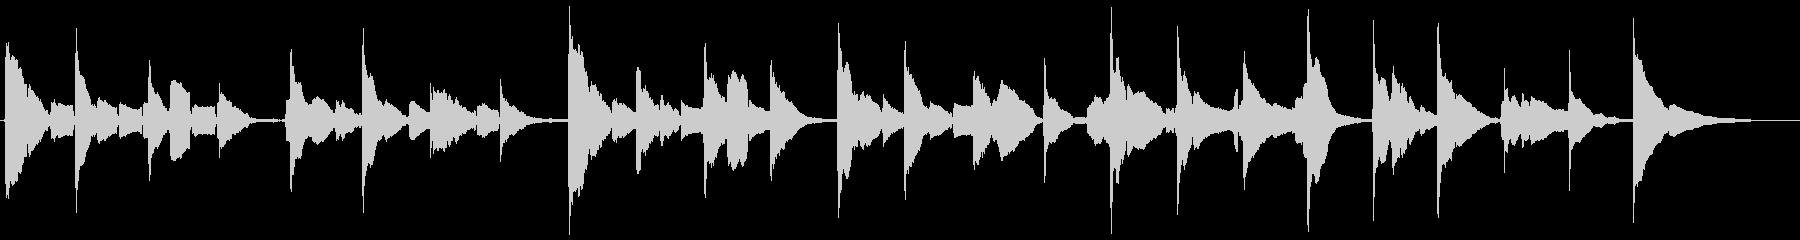 サックスとギターの官能的な曲の未再生の波形